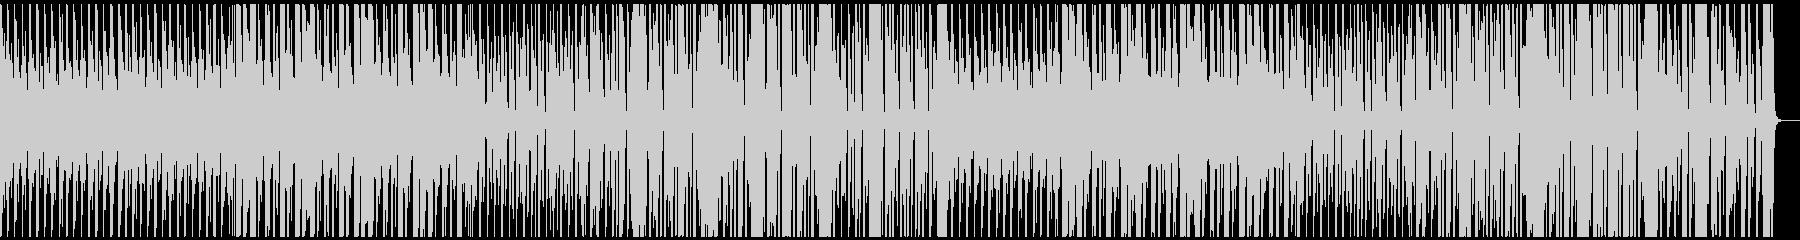 陽気なジプシー風BGMの未再生の波形